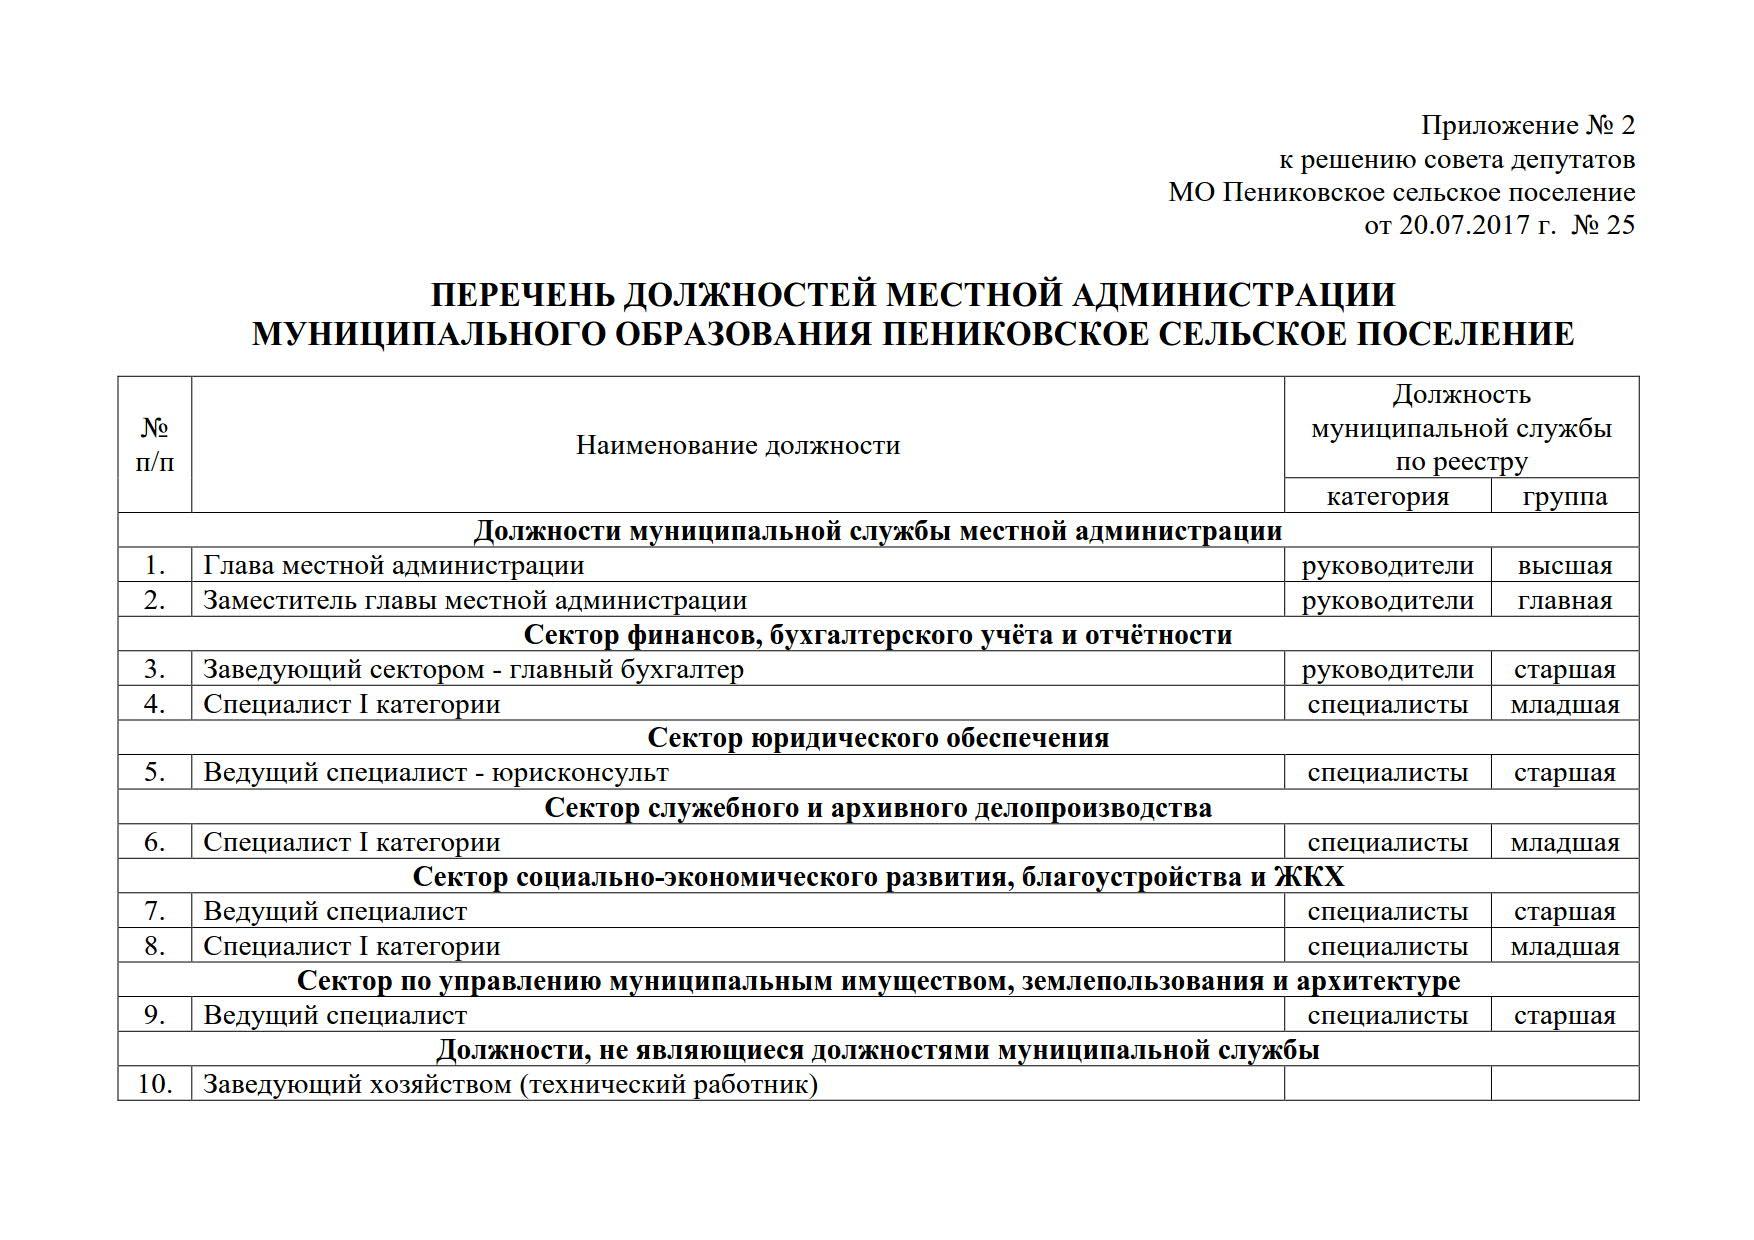 Структура администрации_2